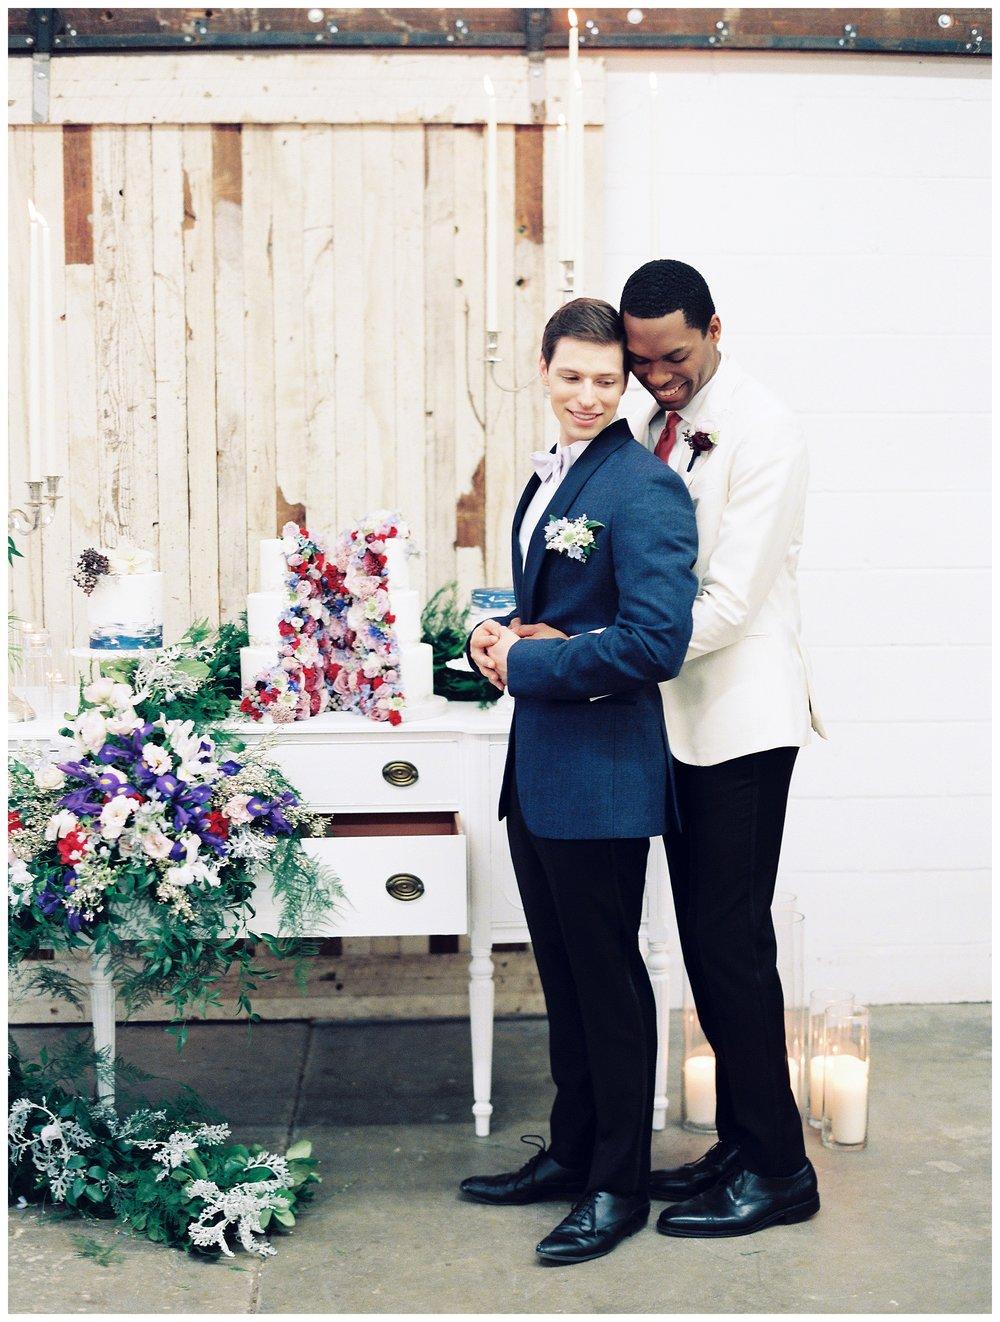 2020_Wedding_Trends_Pantone_0117.jpg